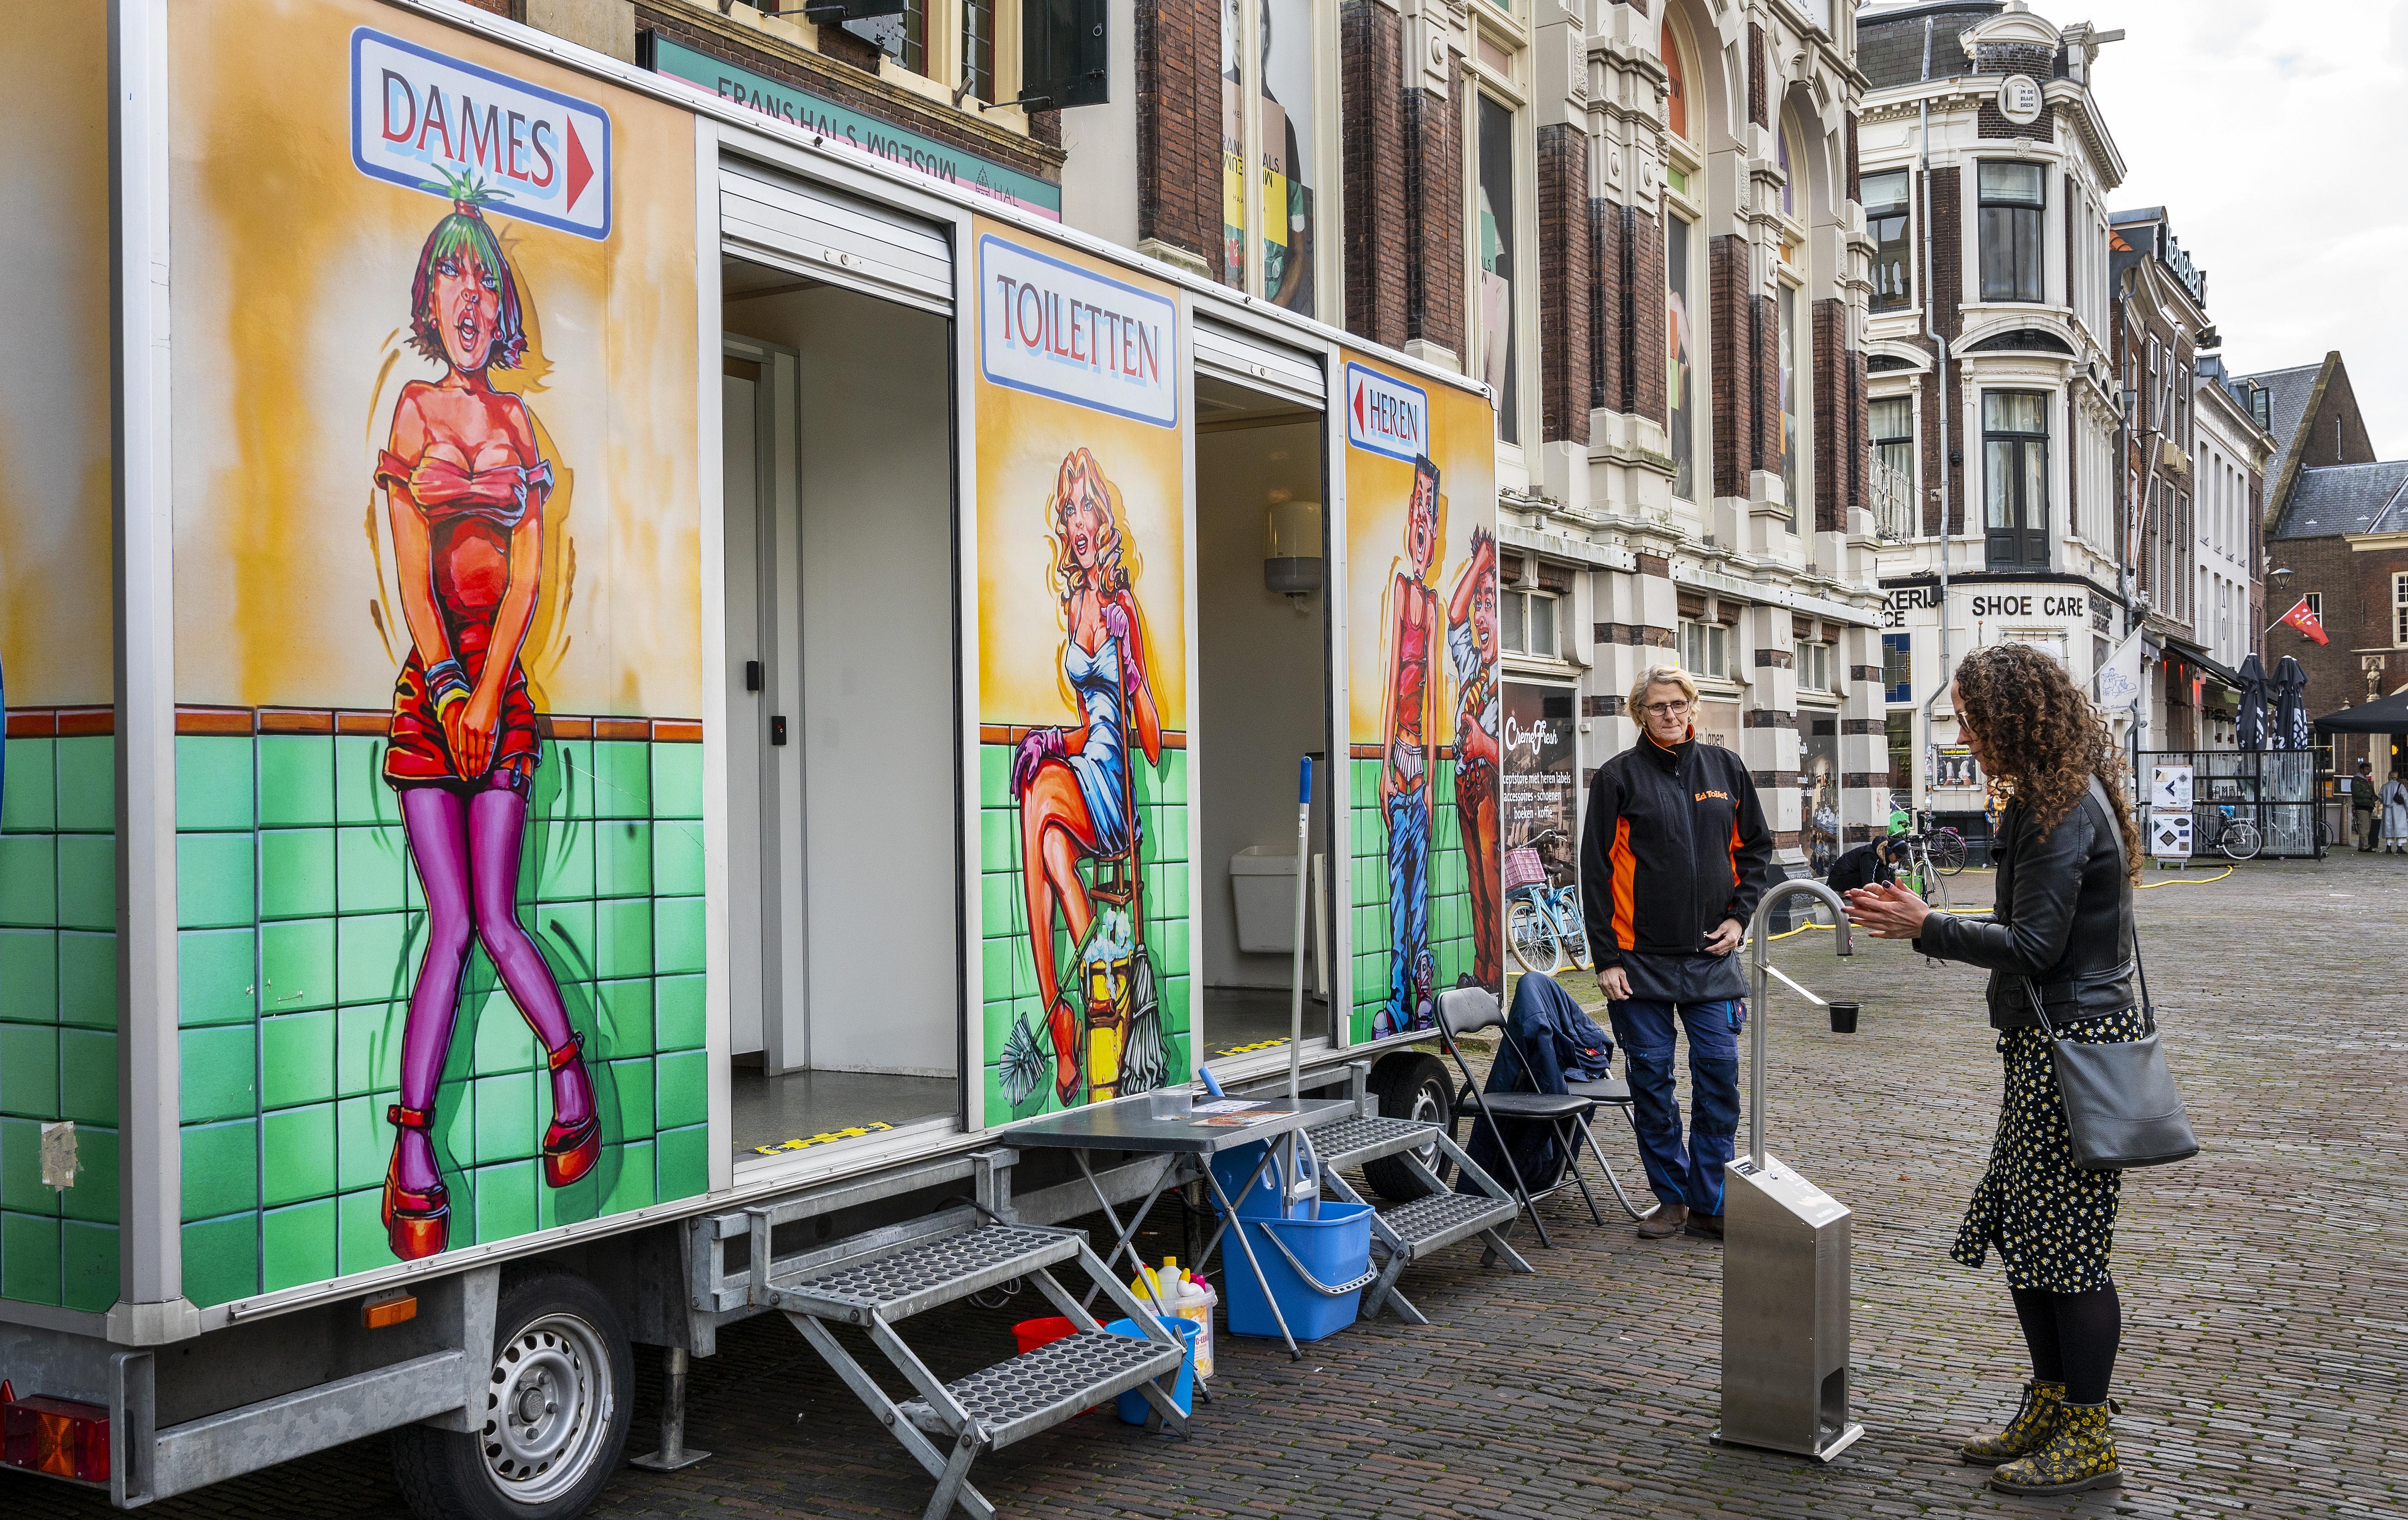 Gemeente Haarlem zorgt voor opluchting op Grote Markt. 'Dit toilet is gelukkig schoner dan bij de gemiddelde festivals'